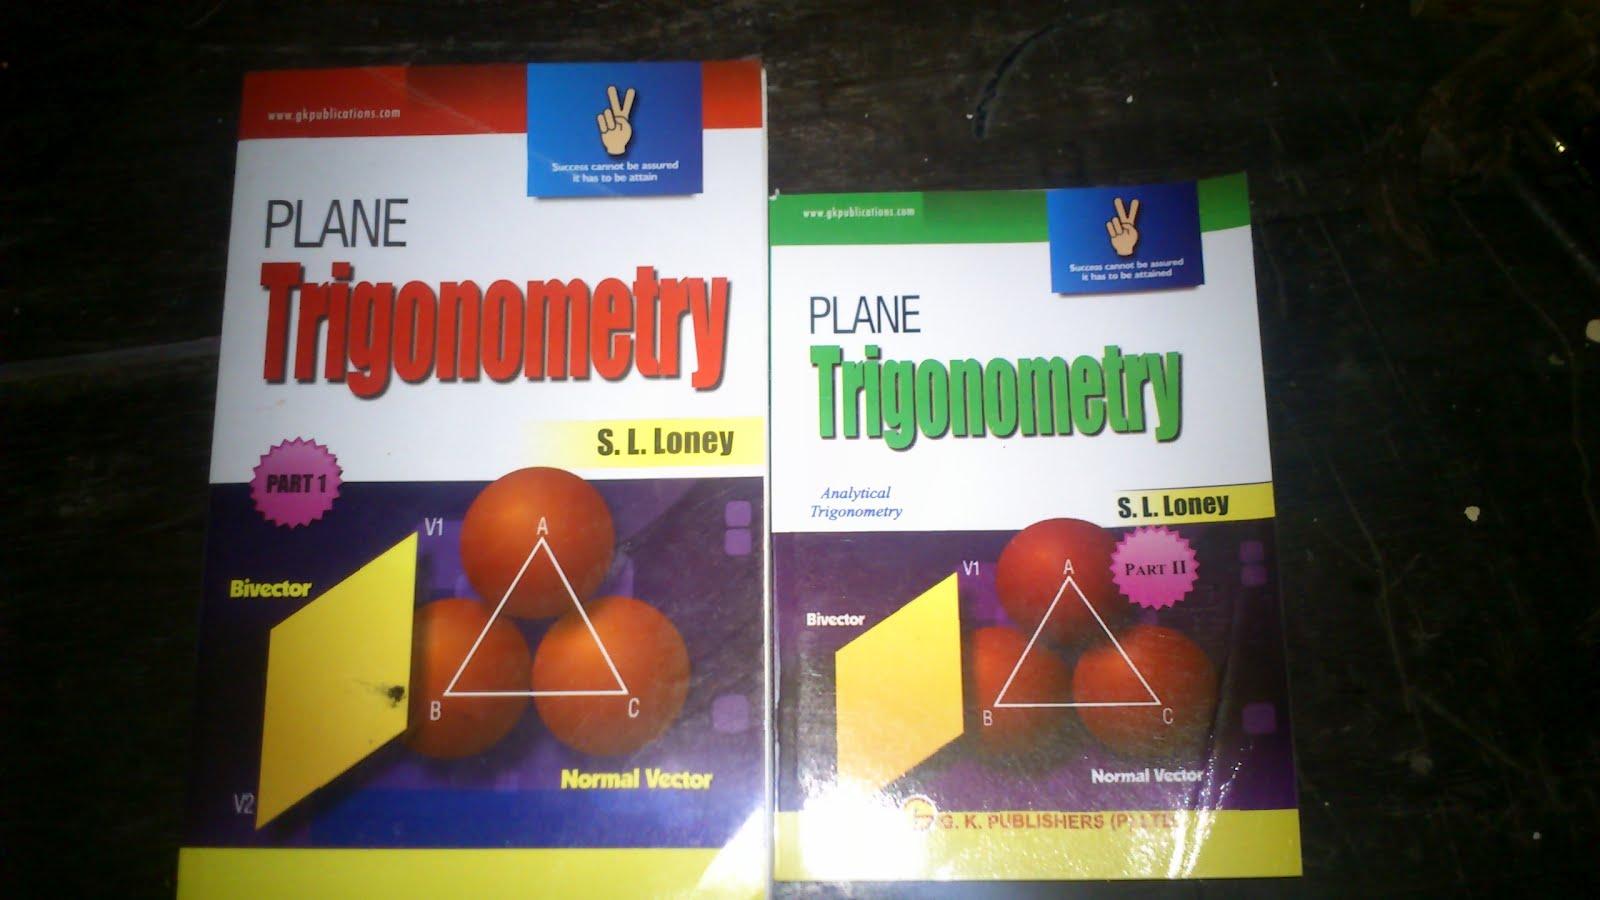 plane trigonometry by s l loney pdf download